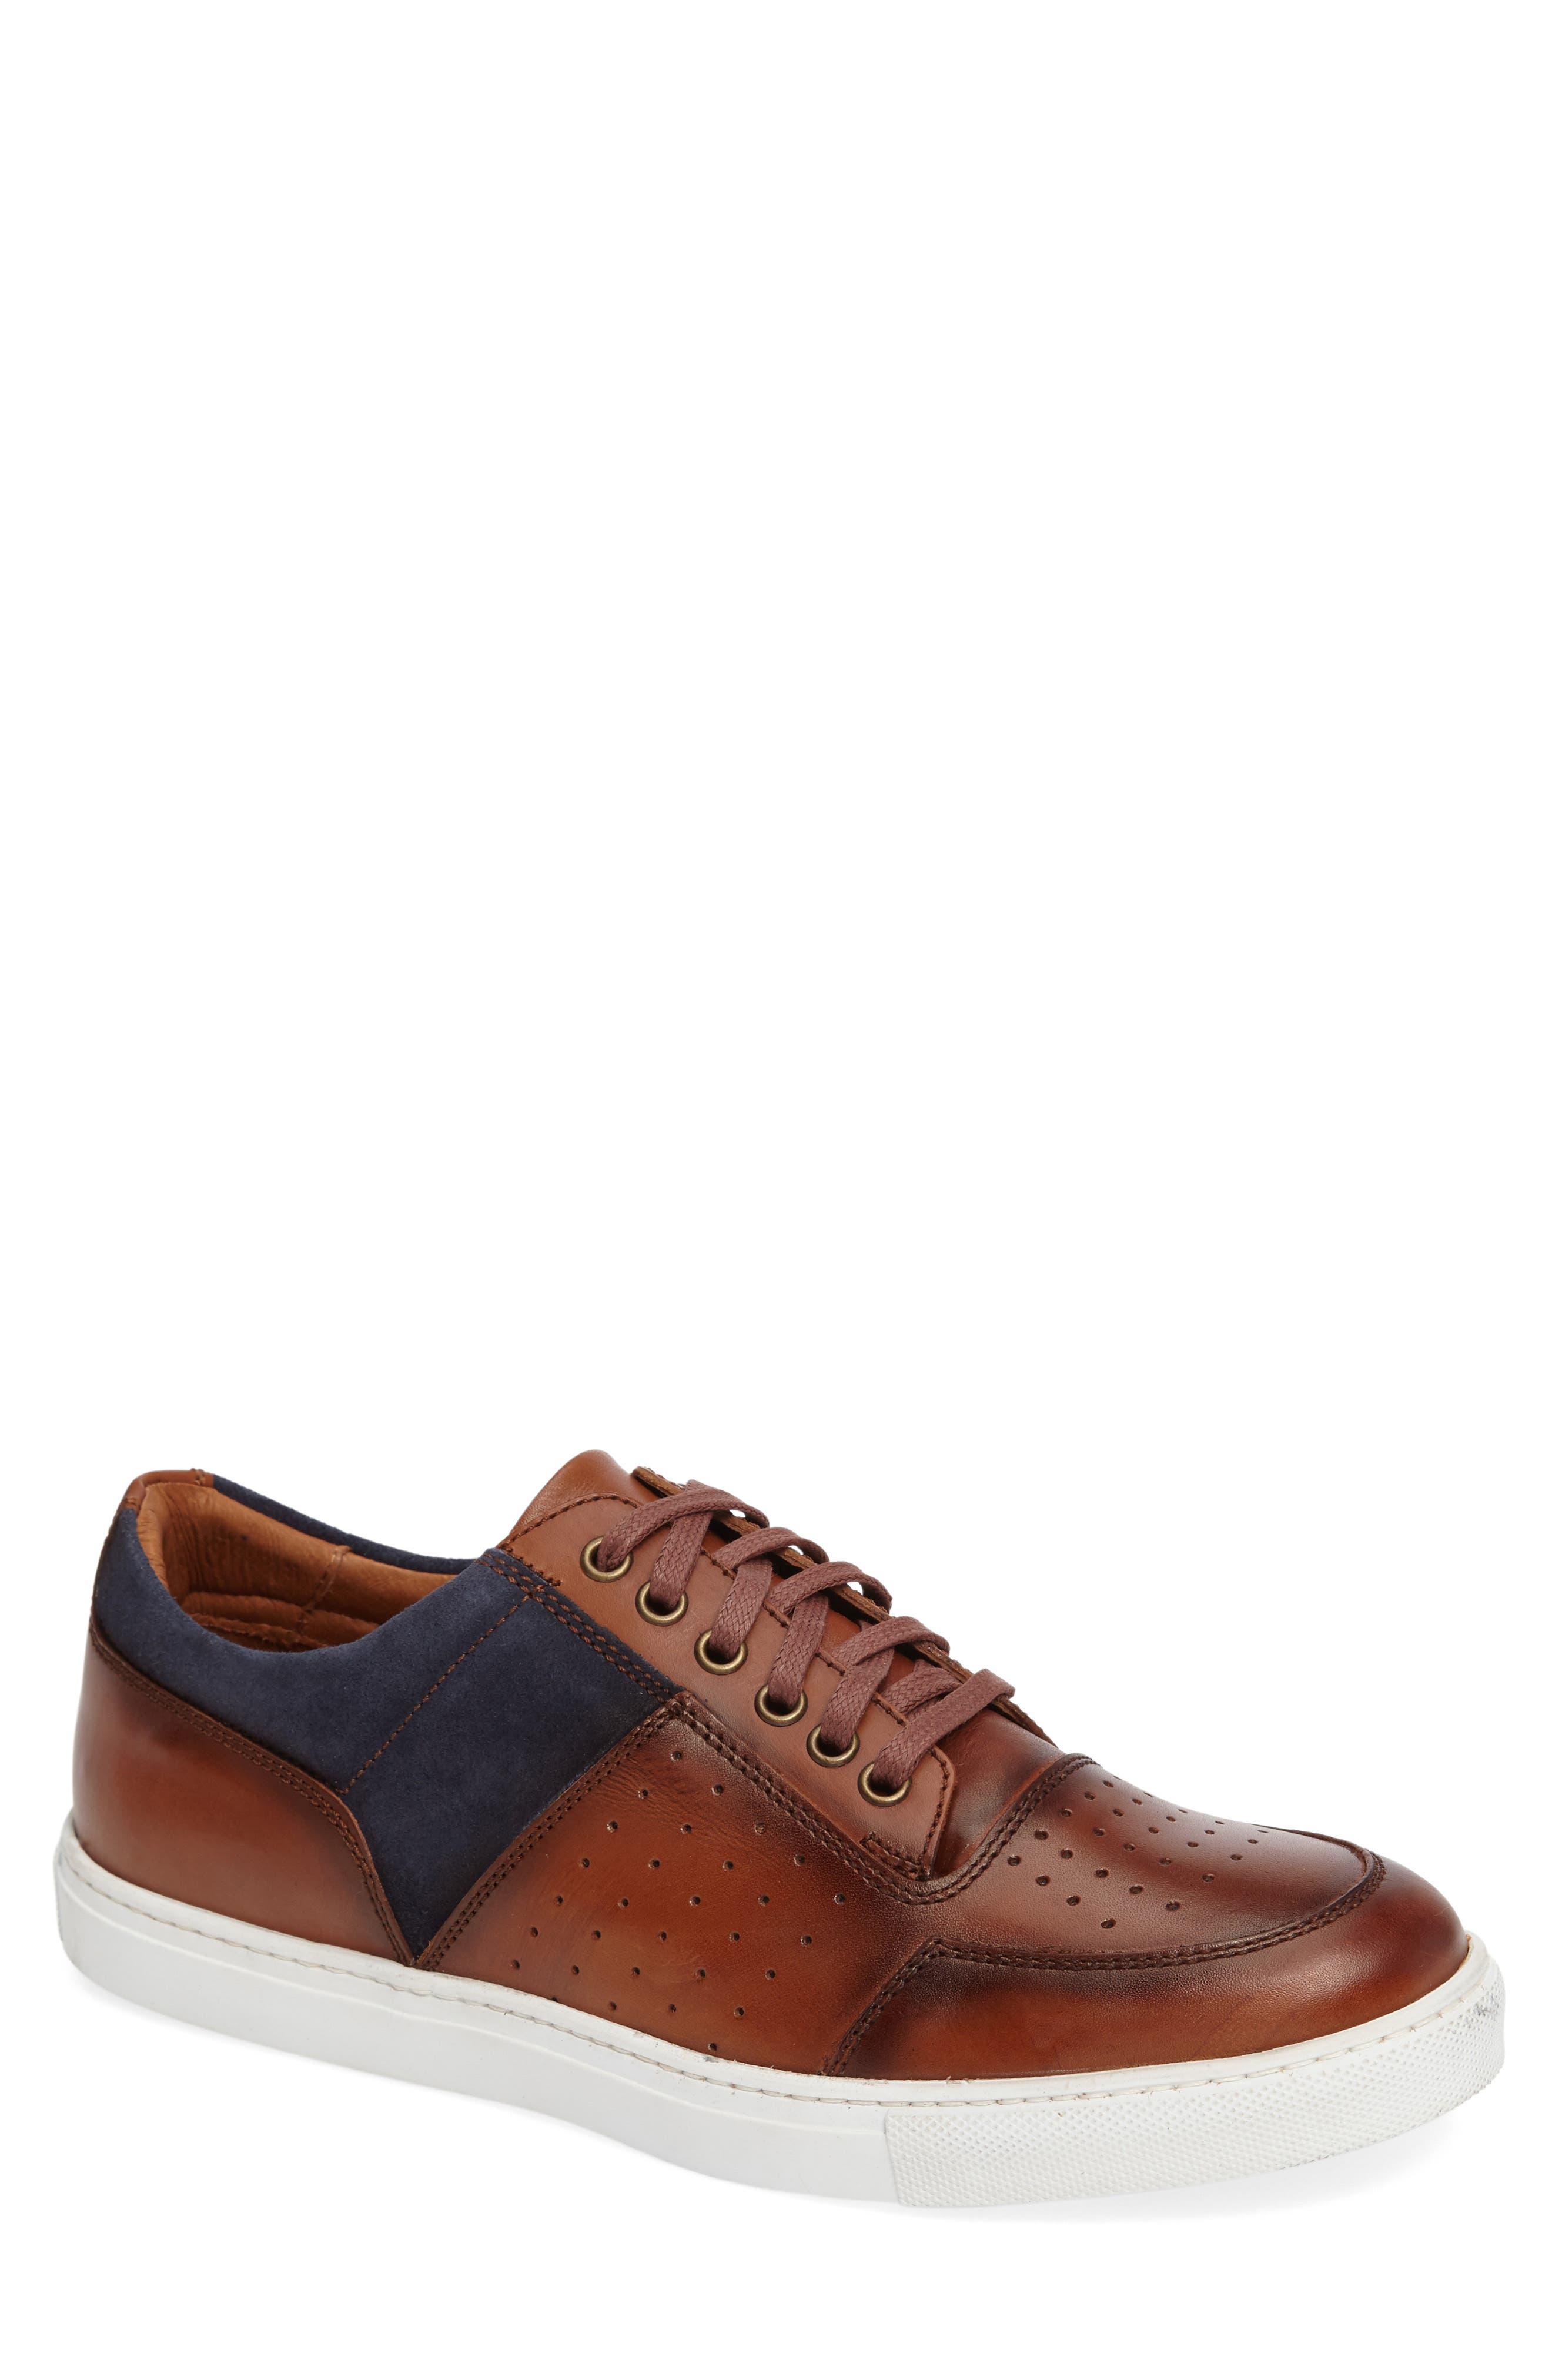 Prem-Ier Sneaker,                             Main thumbnail 1, color,                             200